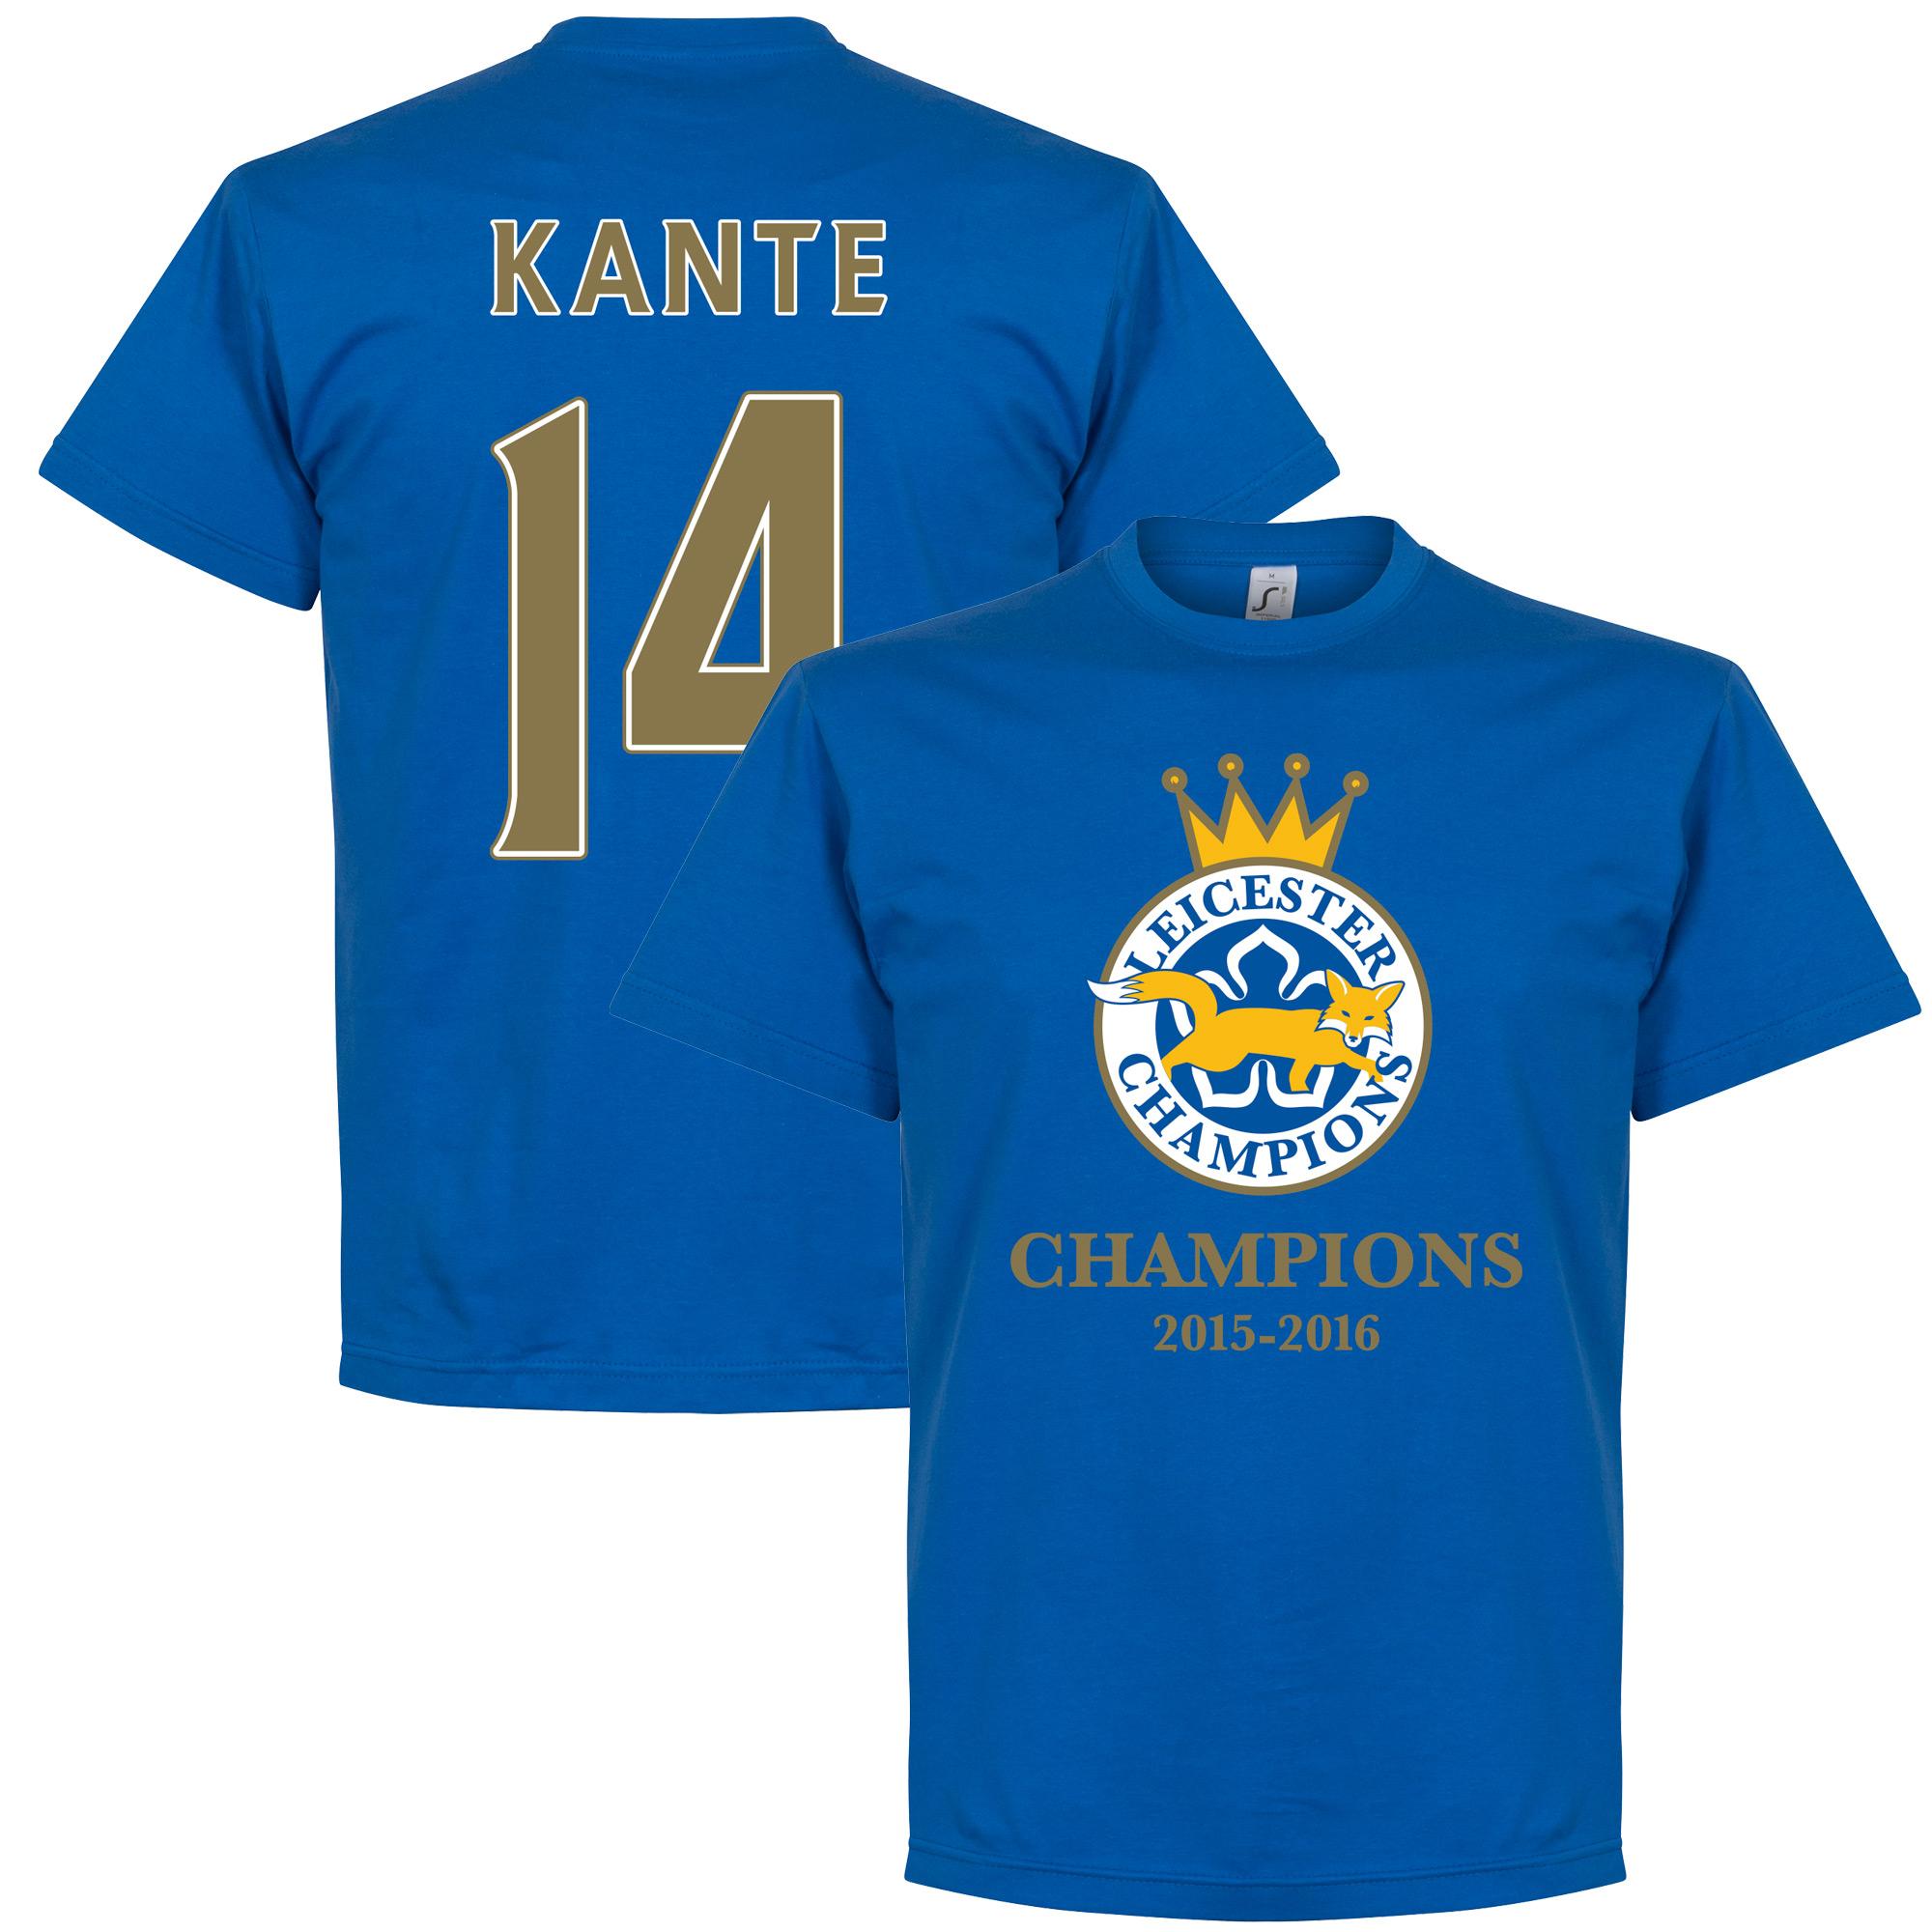 Leicester Champions Kante Tee - Royal - XXXXL